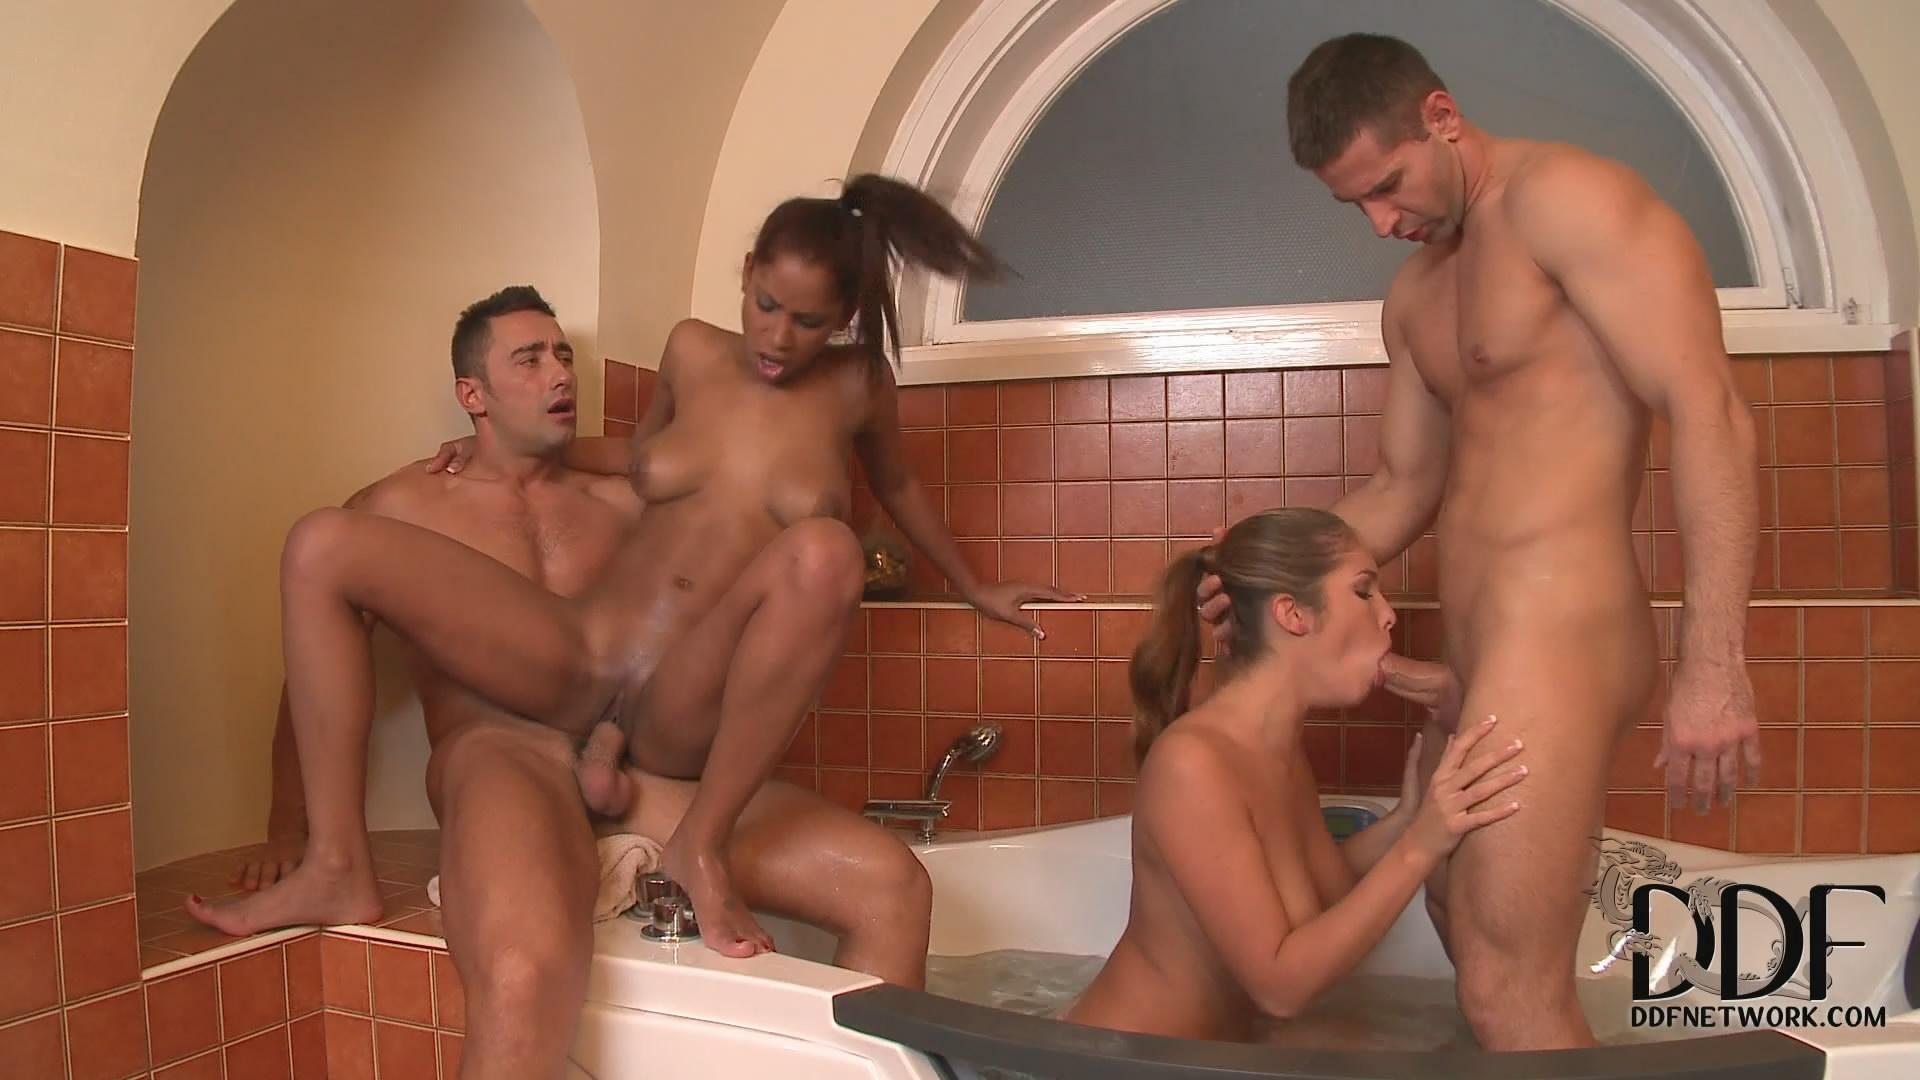 Супер извиняюсь, групповуха в ванне думаю